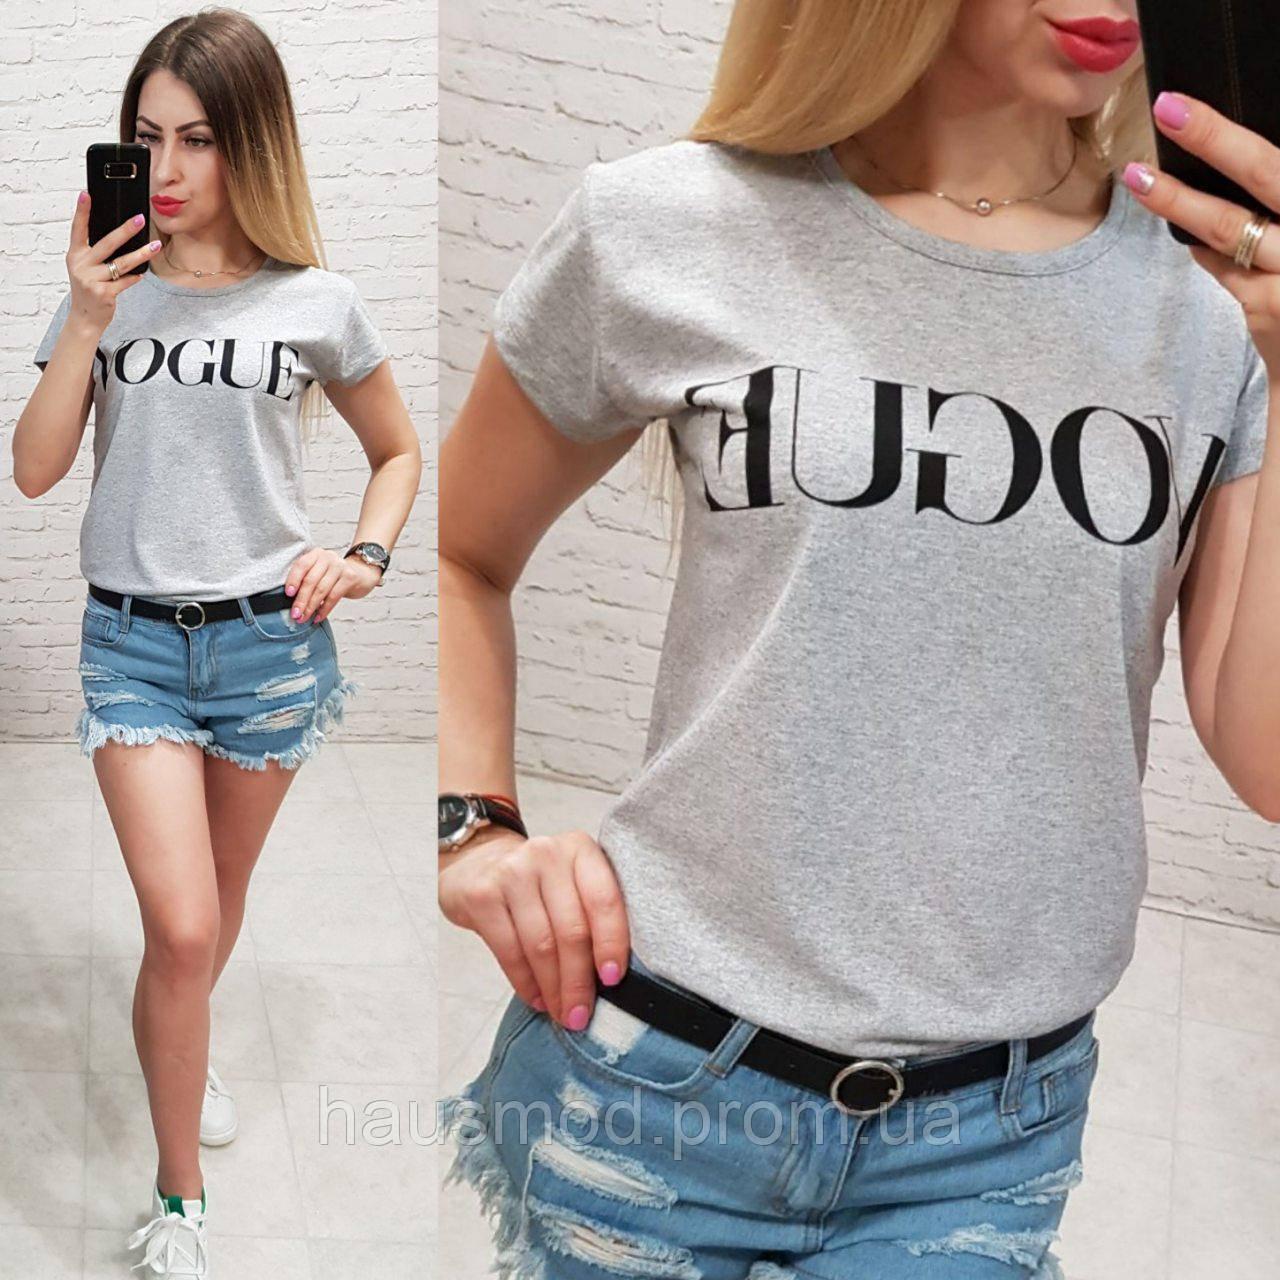 Женская футболка летняя качество реплика копия Vogue турция 100% катон цвет серый